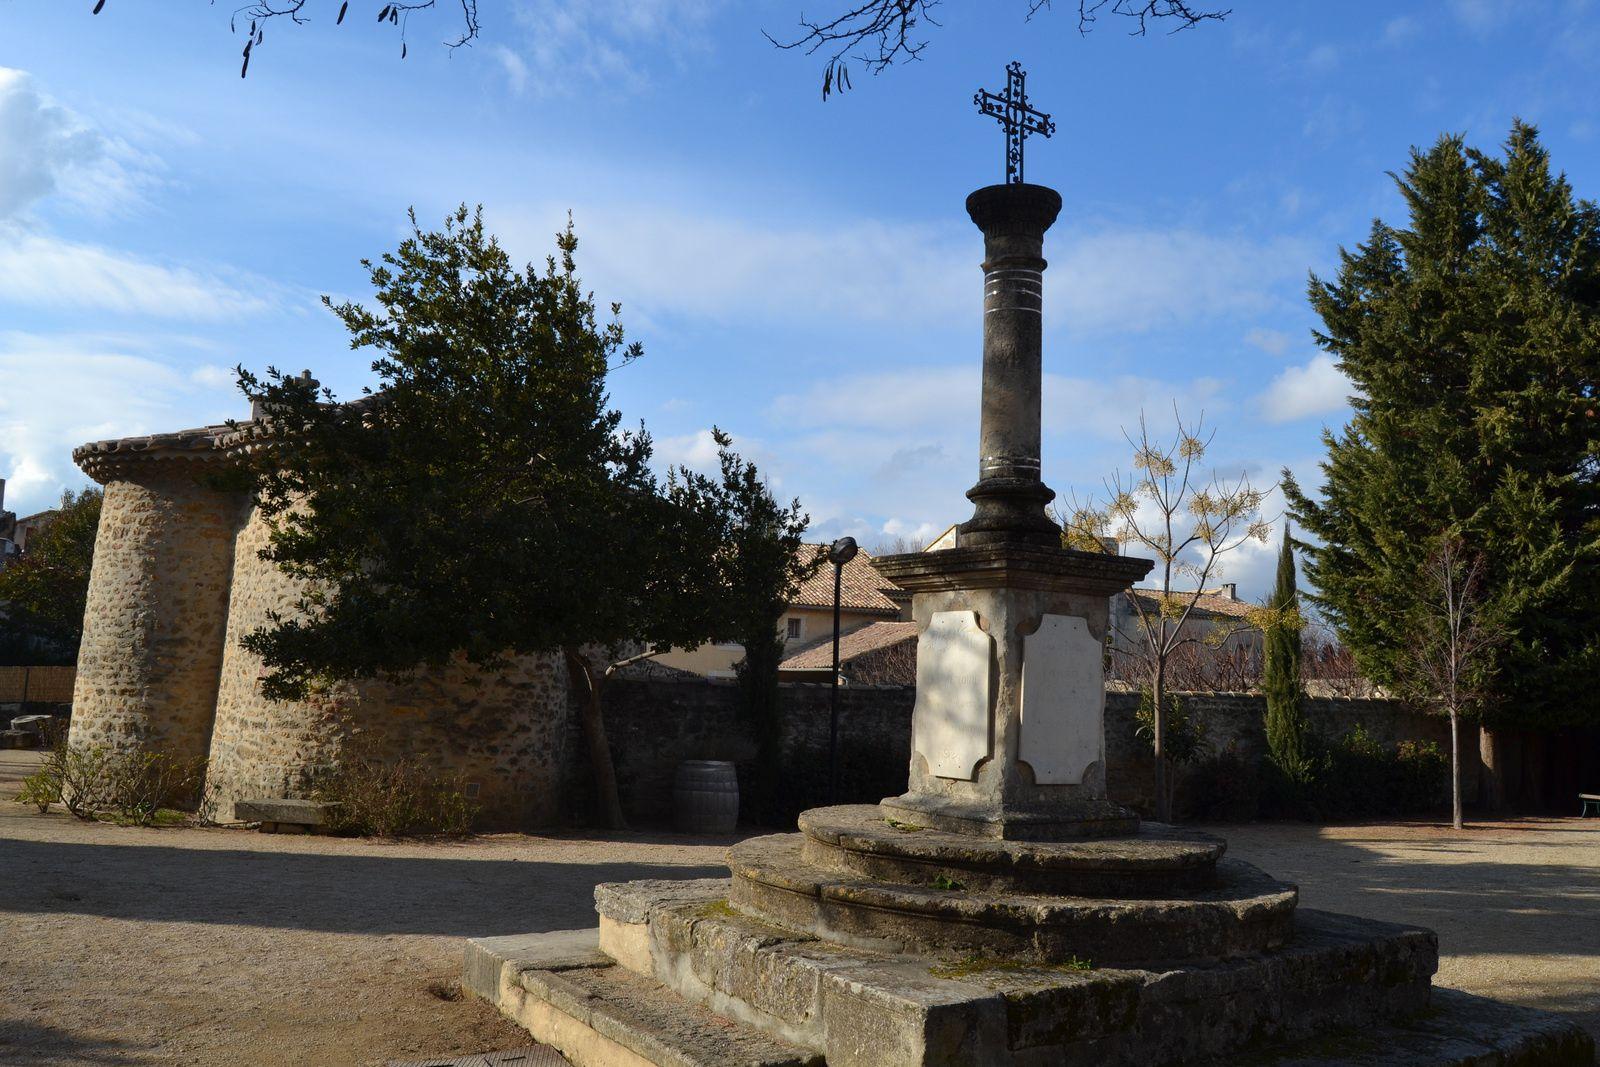 Au centre du Jardin de la Chapelle, une croix qui auparavant marquait le centre de l'ancien cimetière. Le socle en pierre est composé en partie de couvercles renversés de sarcophages et d'épitaphes du XIXème siècle. La croix en fer forgé a été financée par une souscription en 2000.